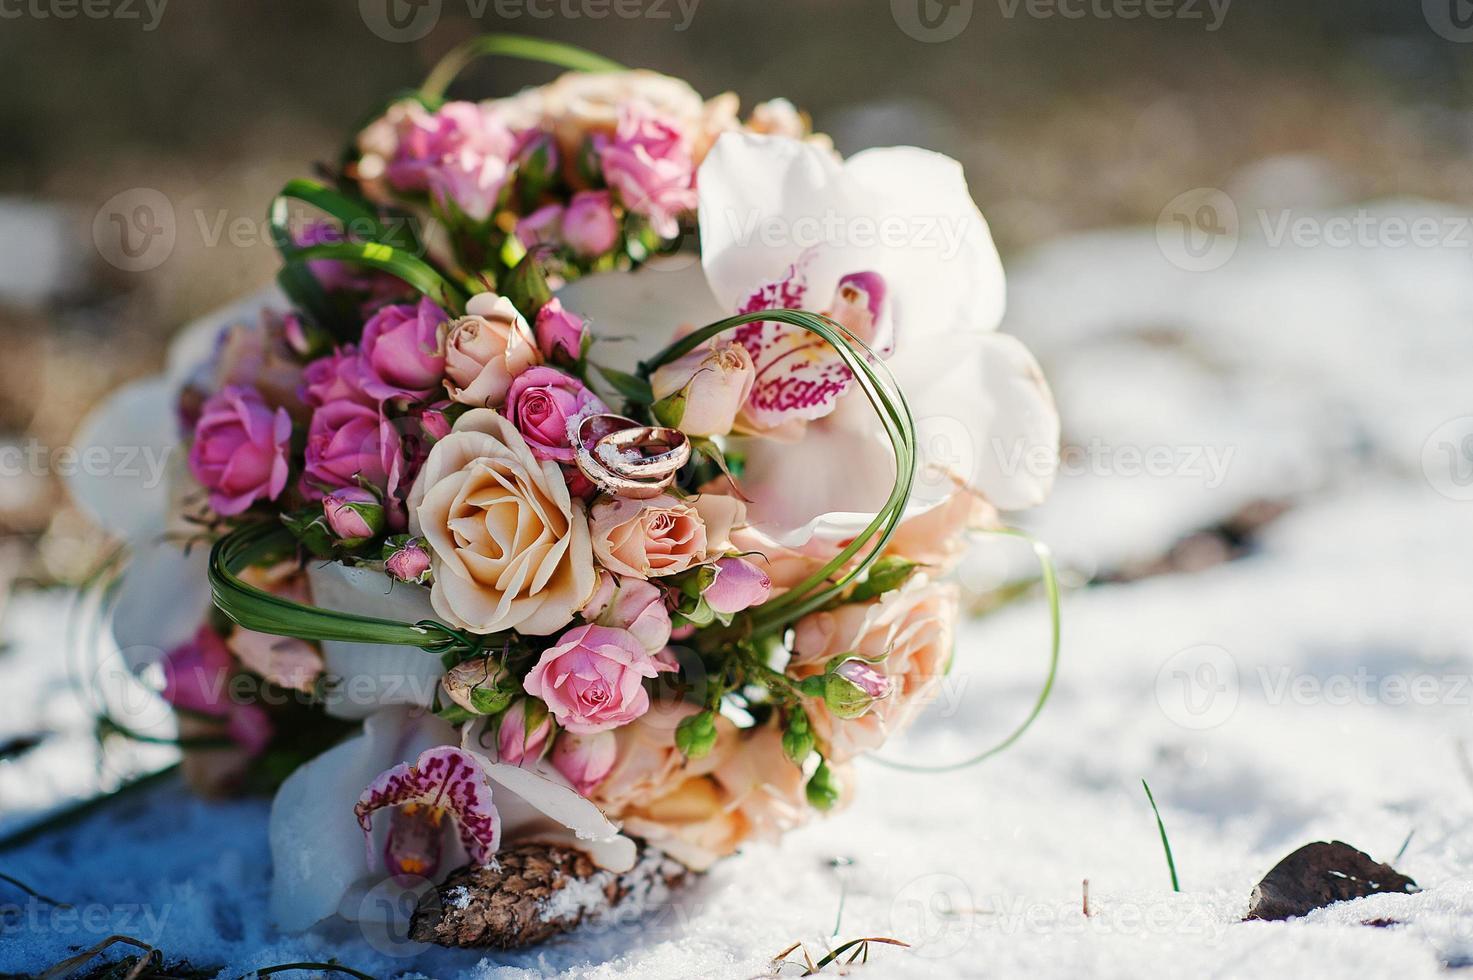 Hochzeitsstrauß am Wintertag foto